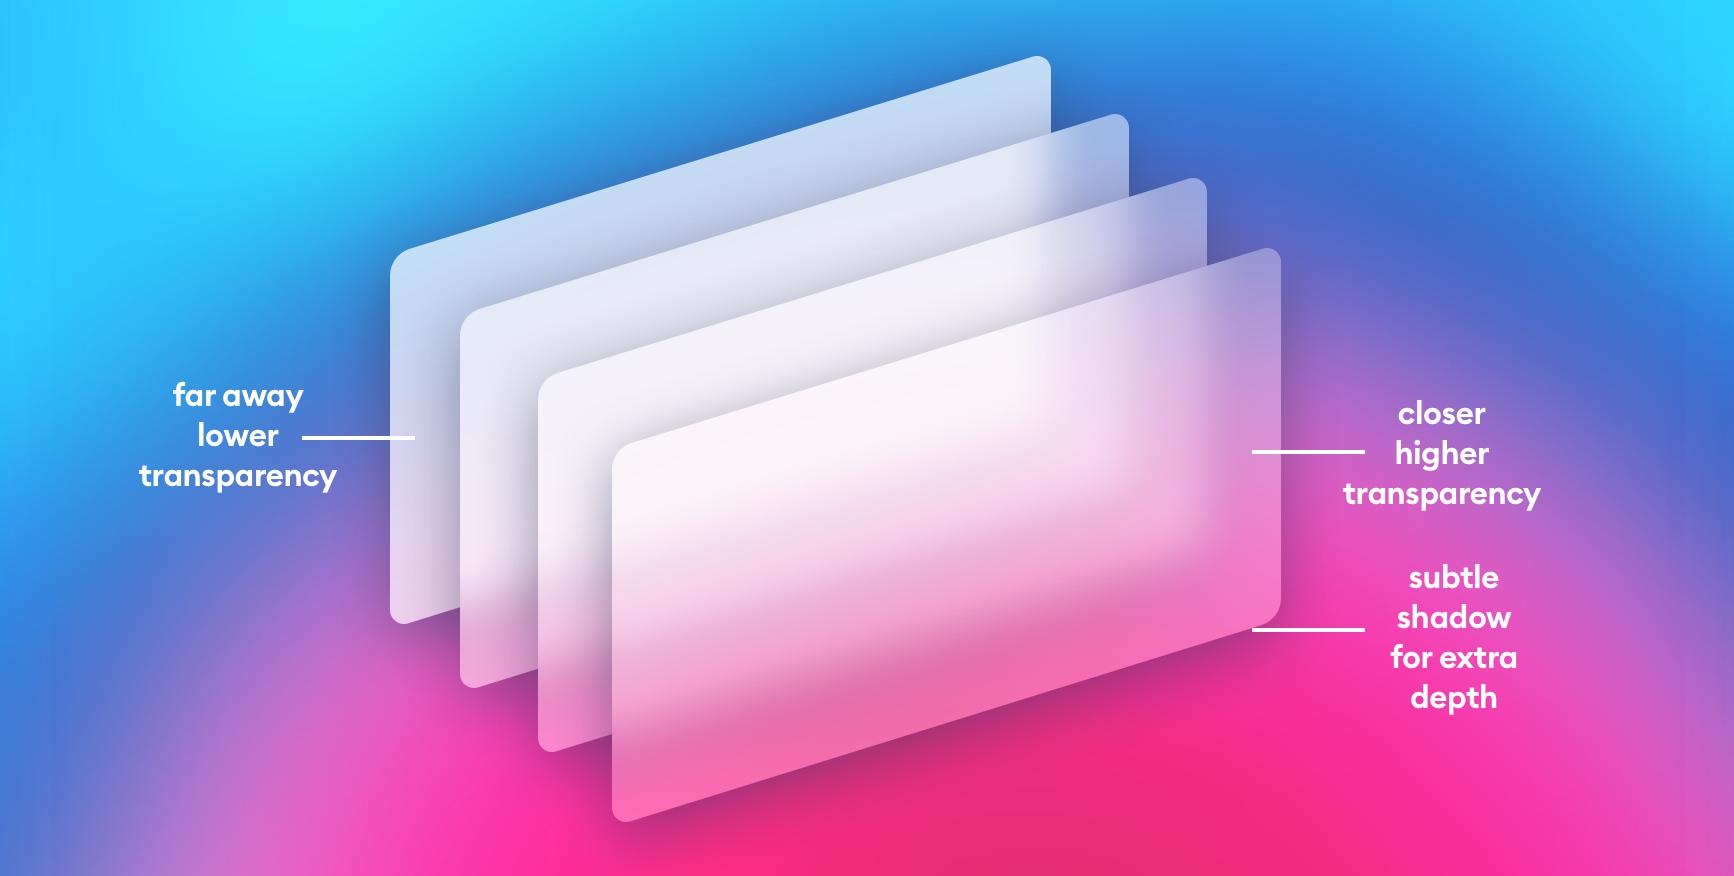 Глассморфизм — новый тренд в дизайне интерфейсов